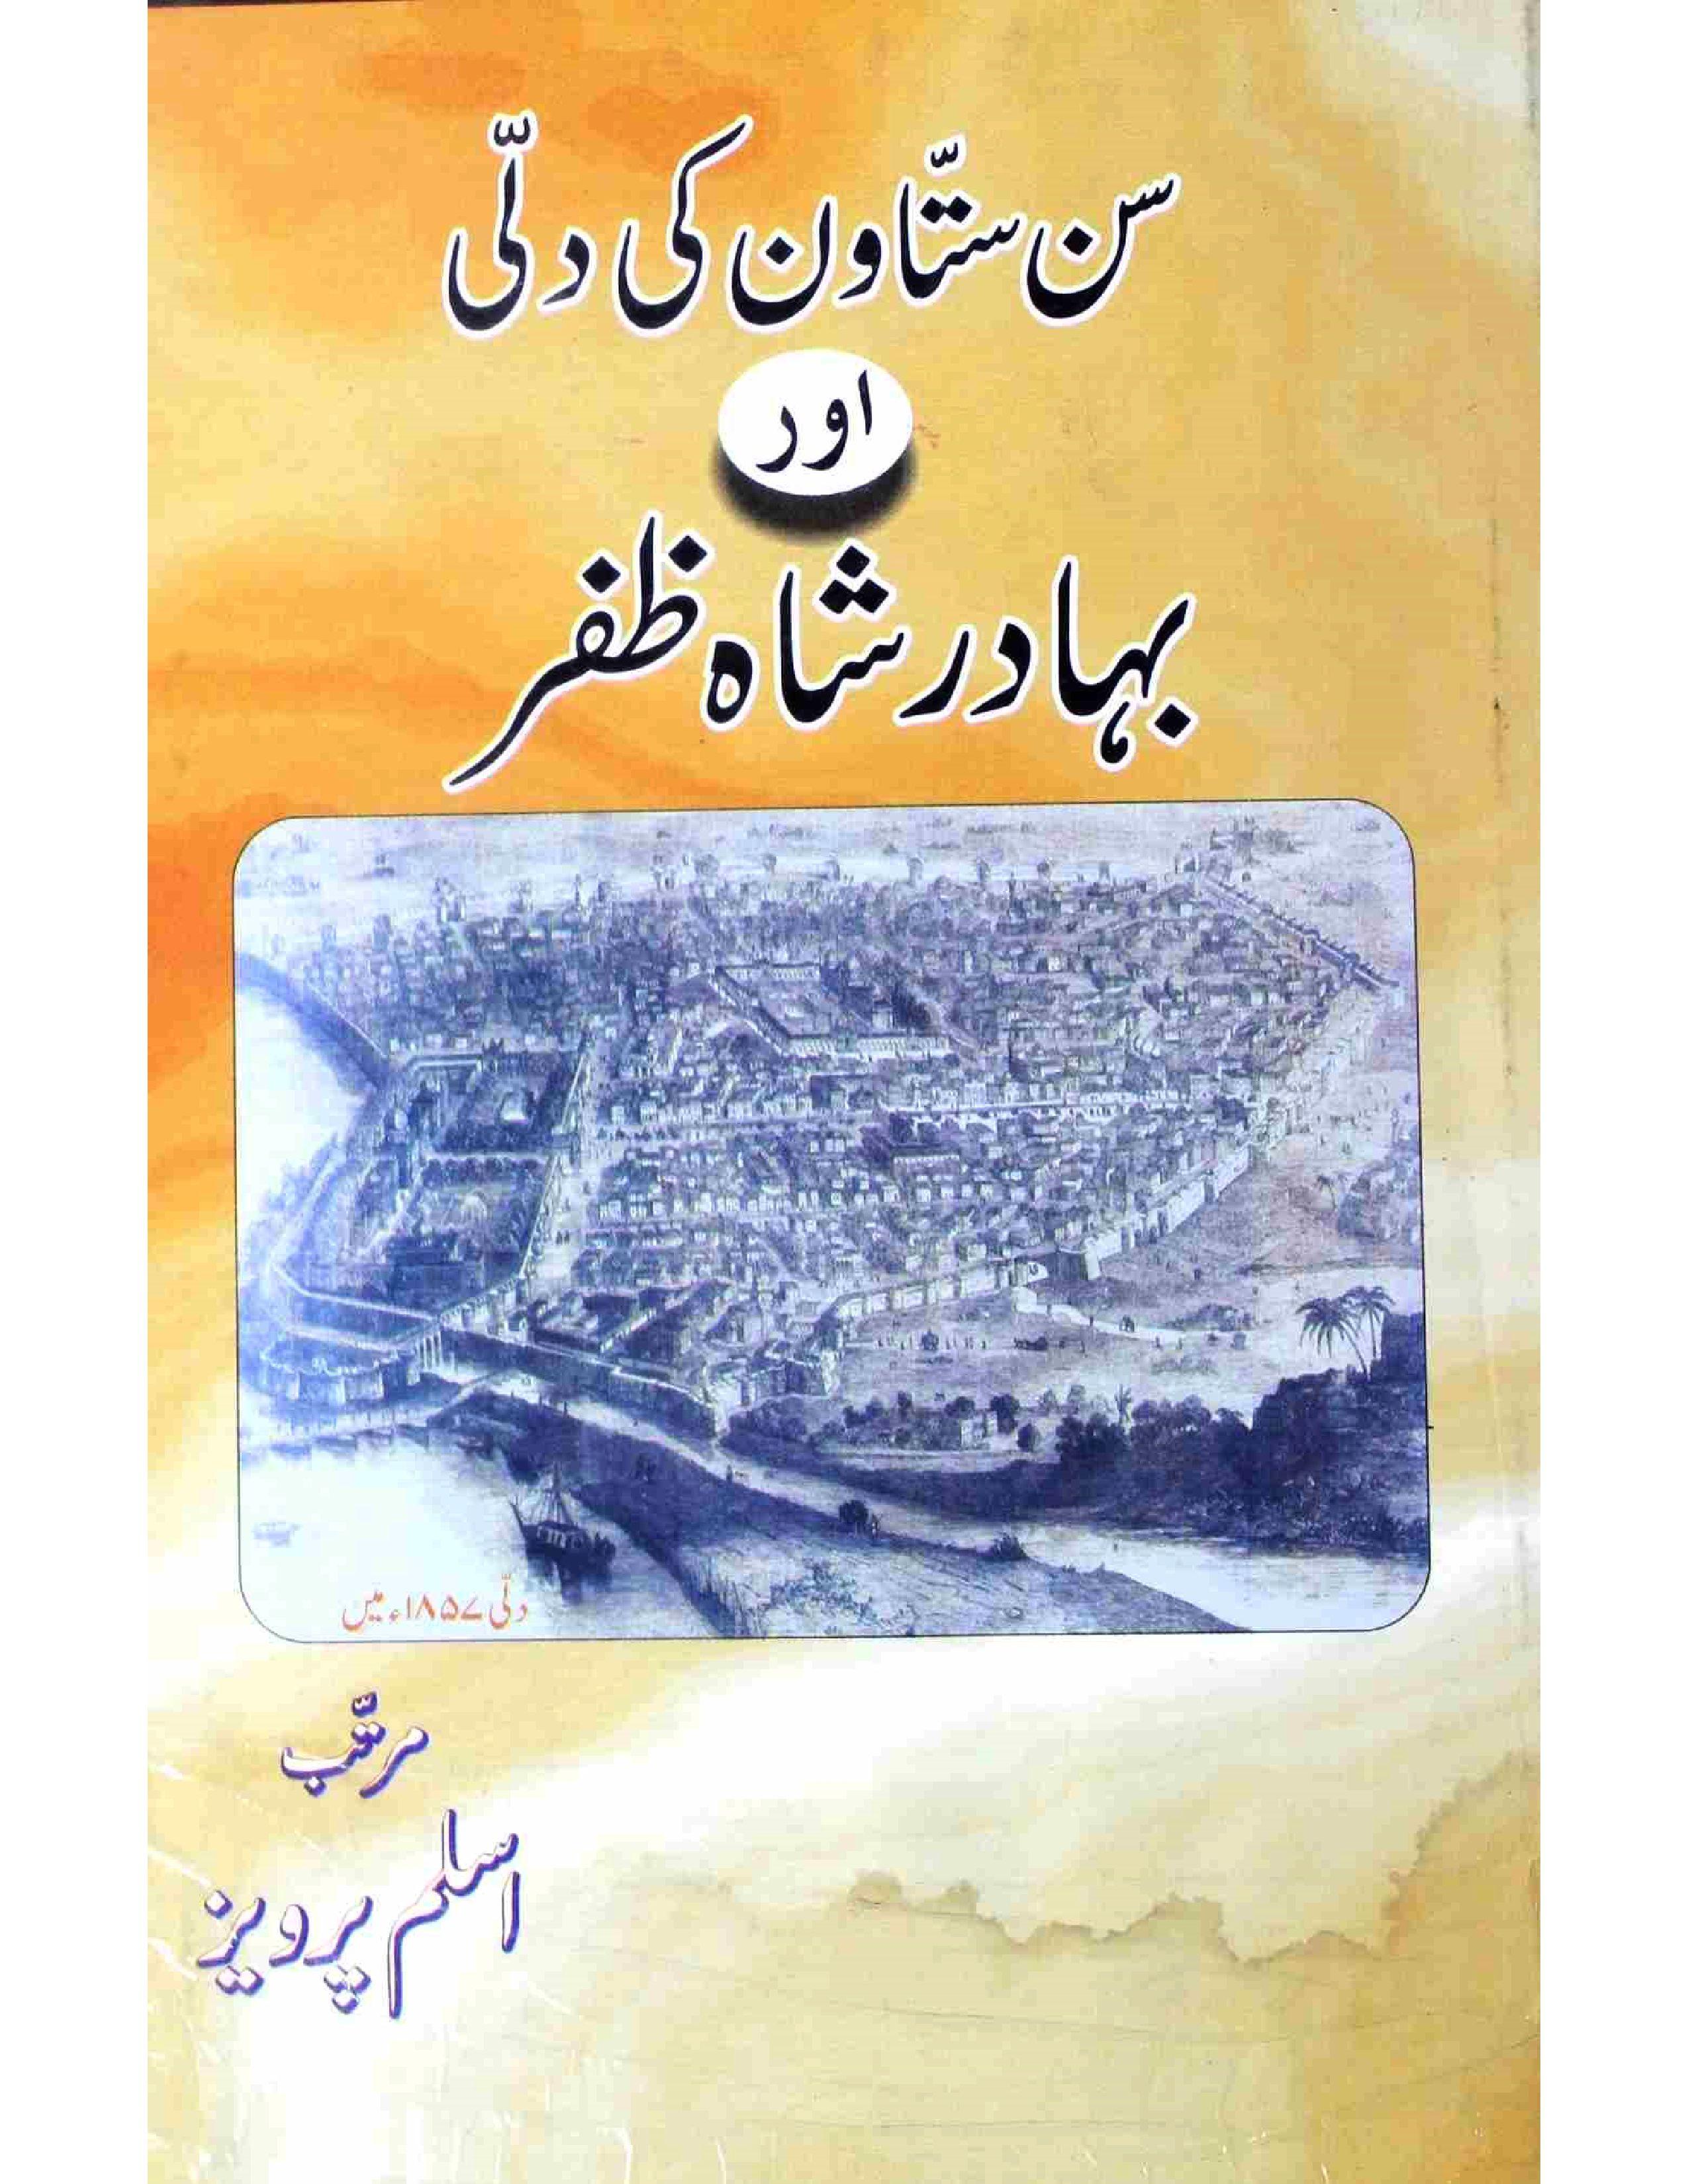 San Sattawan ki Dilli aur Bahadur Shah Zafar